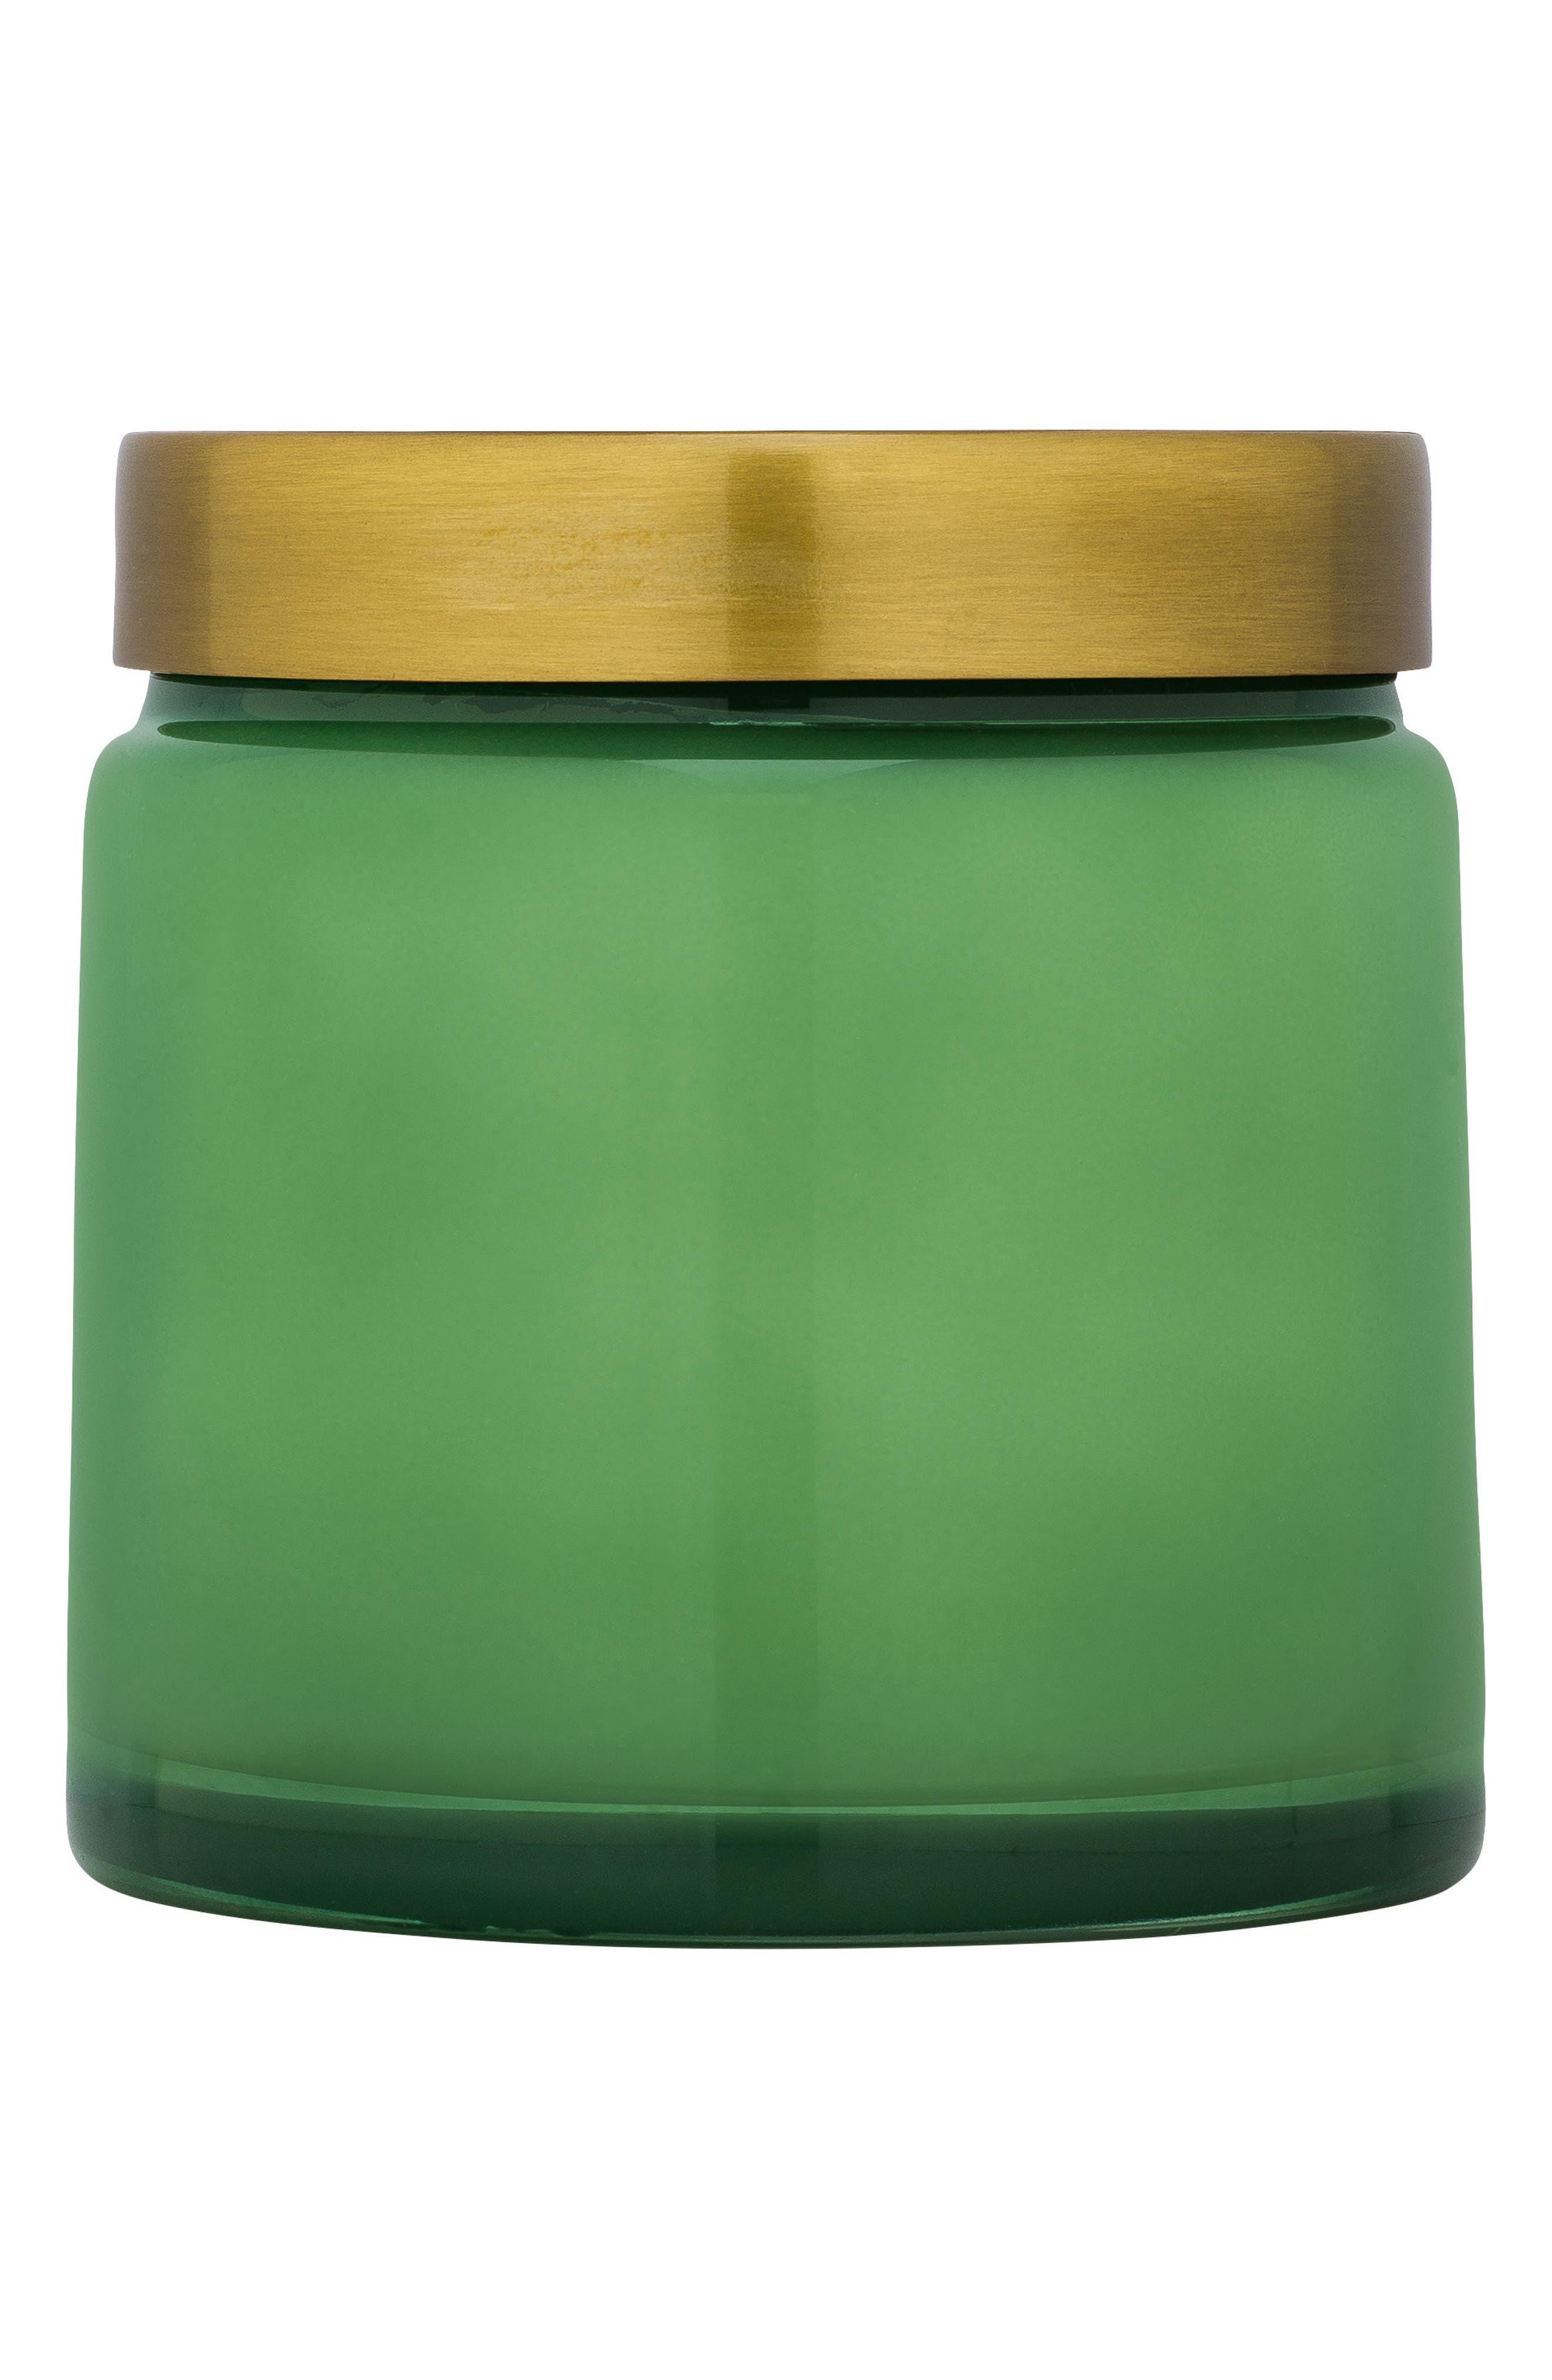 Tinted Jar Candle,                             Main thumbnail 1, color,                             Bamboo Lotus